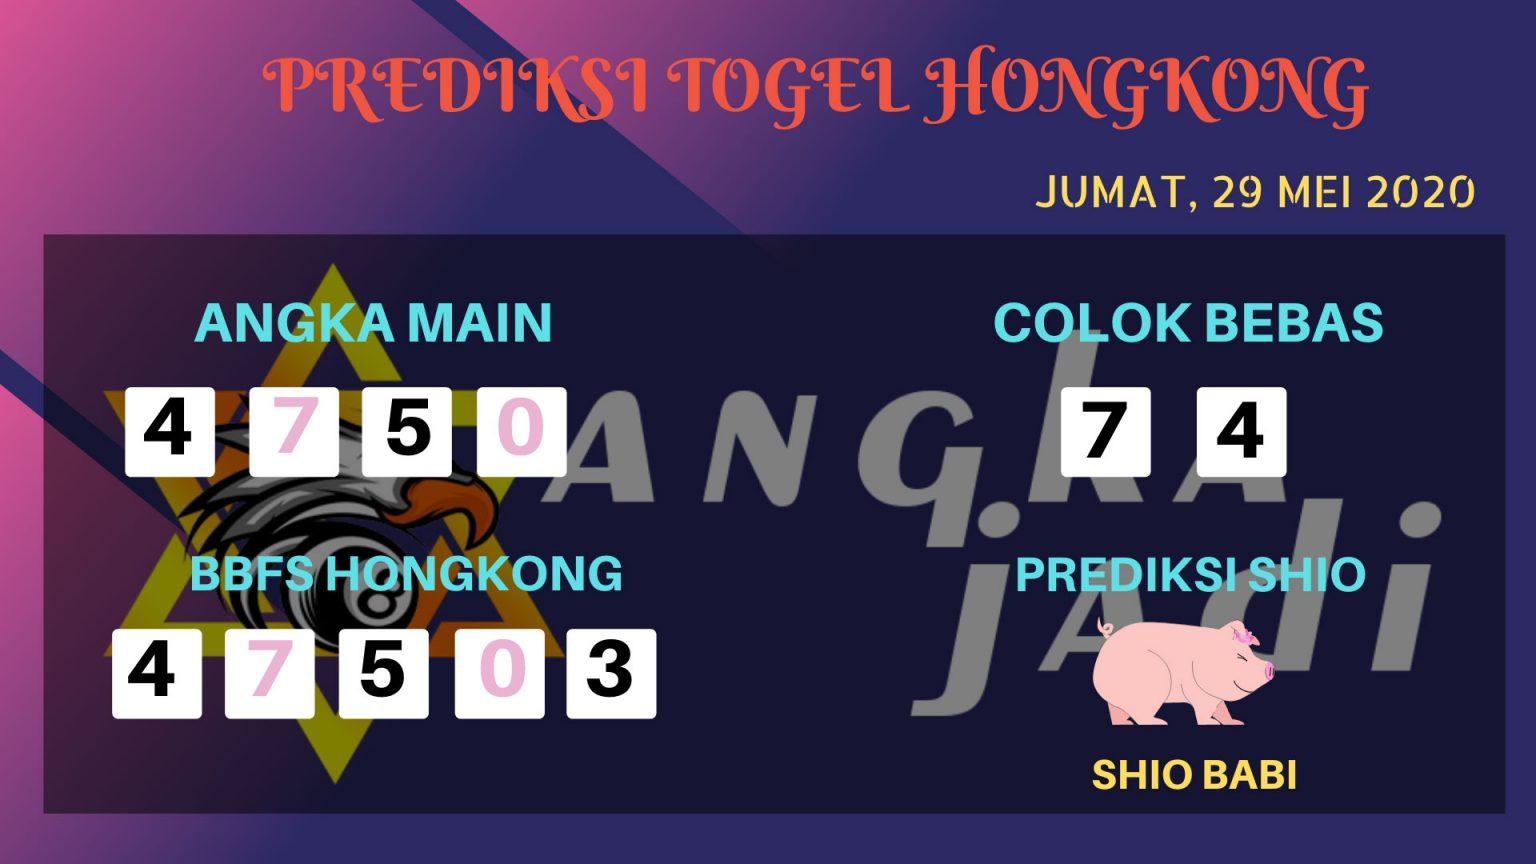 Prediksi Togel Hongkong Jumat 29 Mei 2020 - Bocoran HK